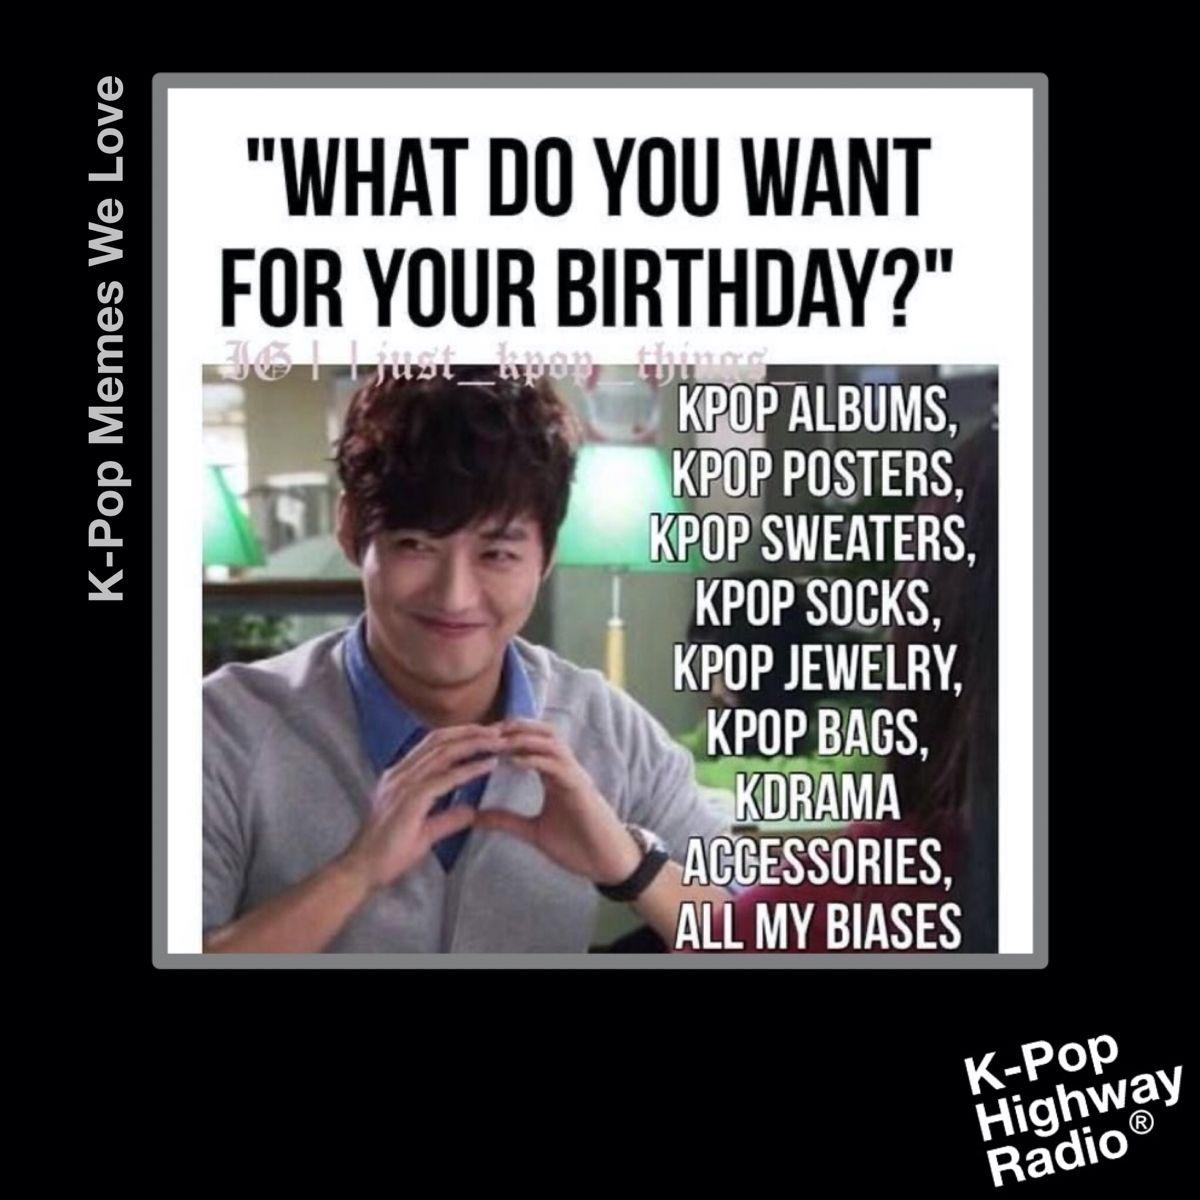 Kpopmemes We In 2021 Kpop Radio Kpop Memes Kpop